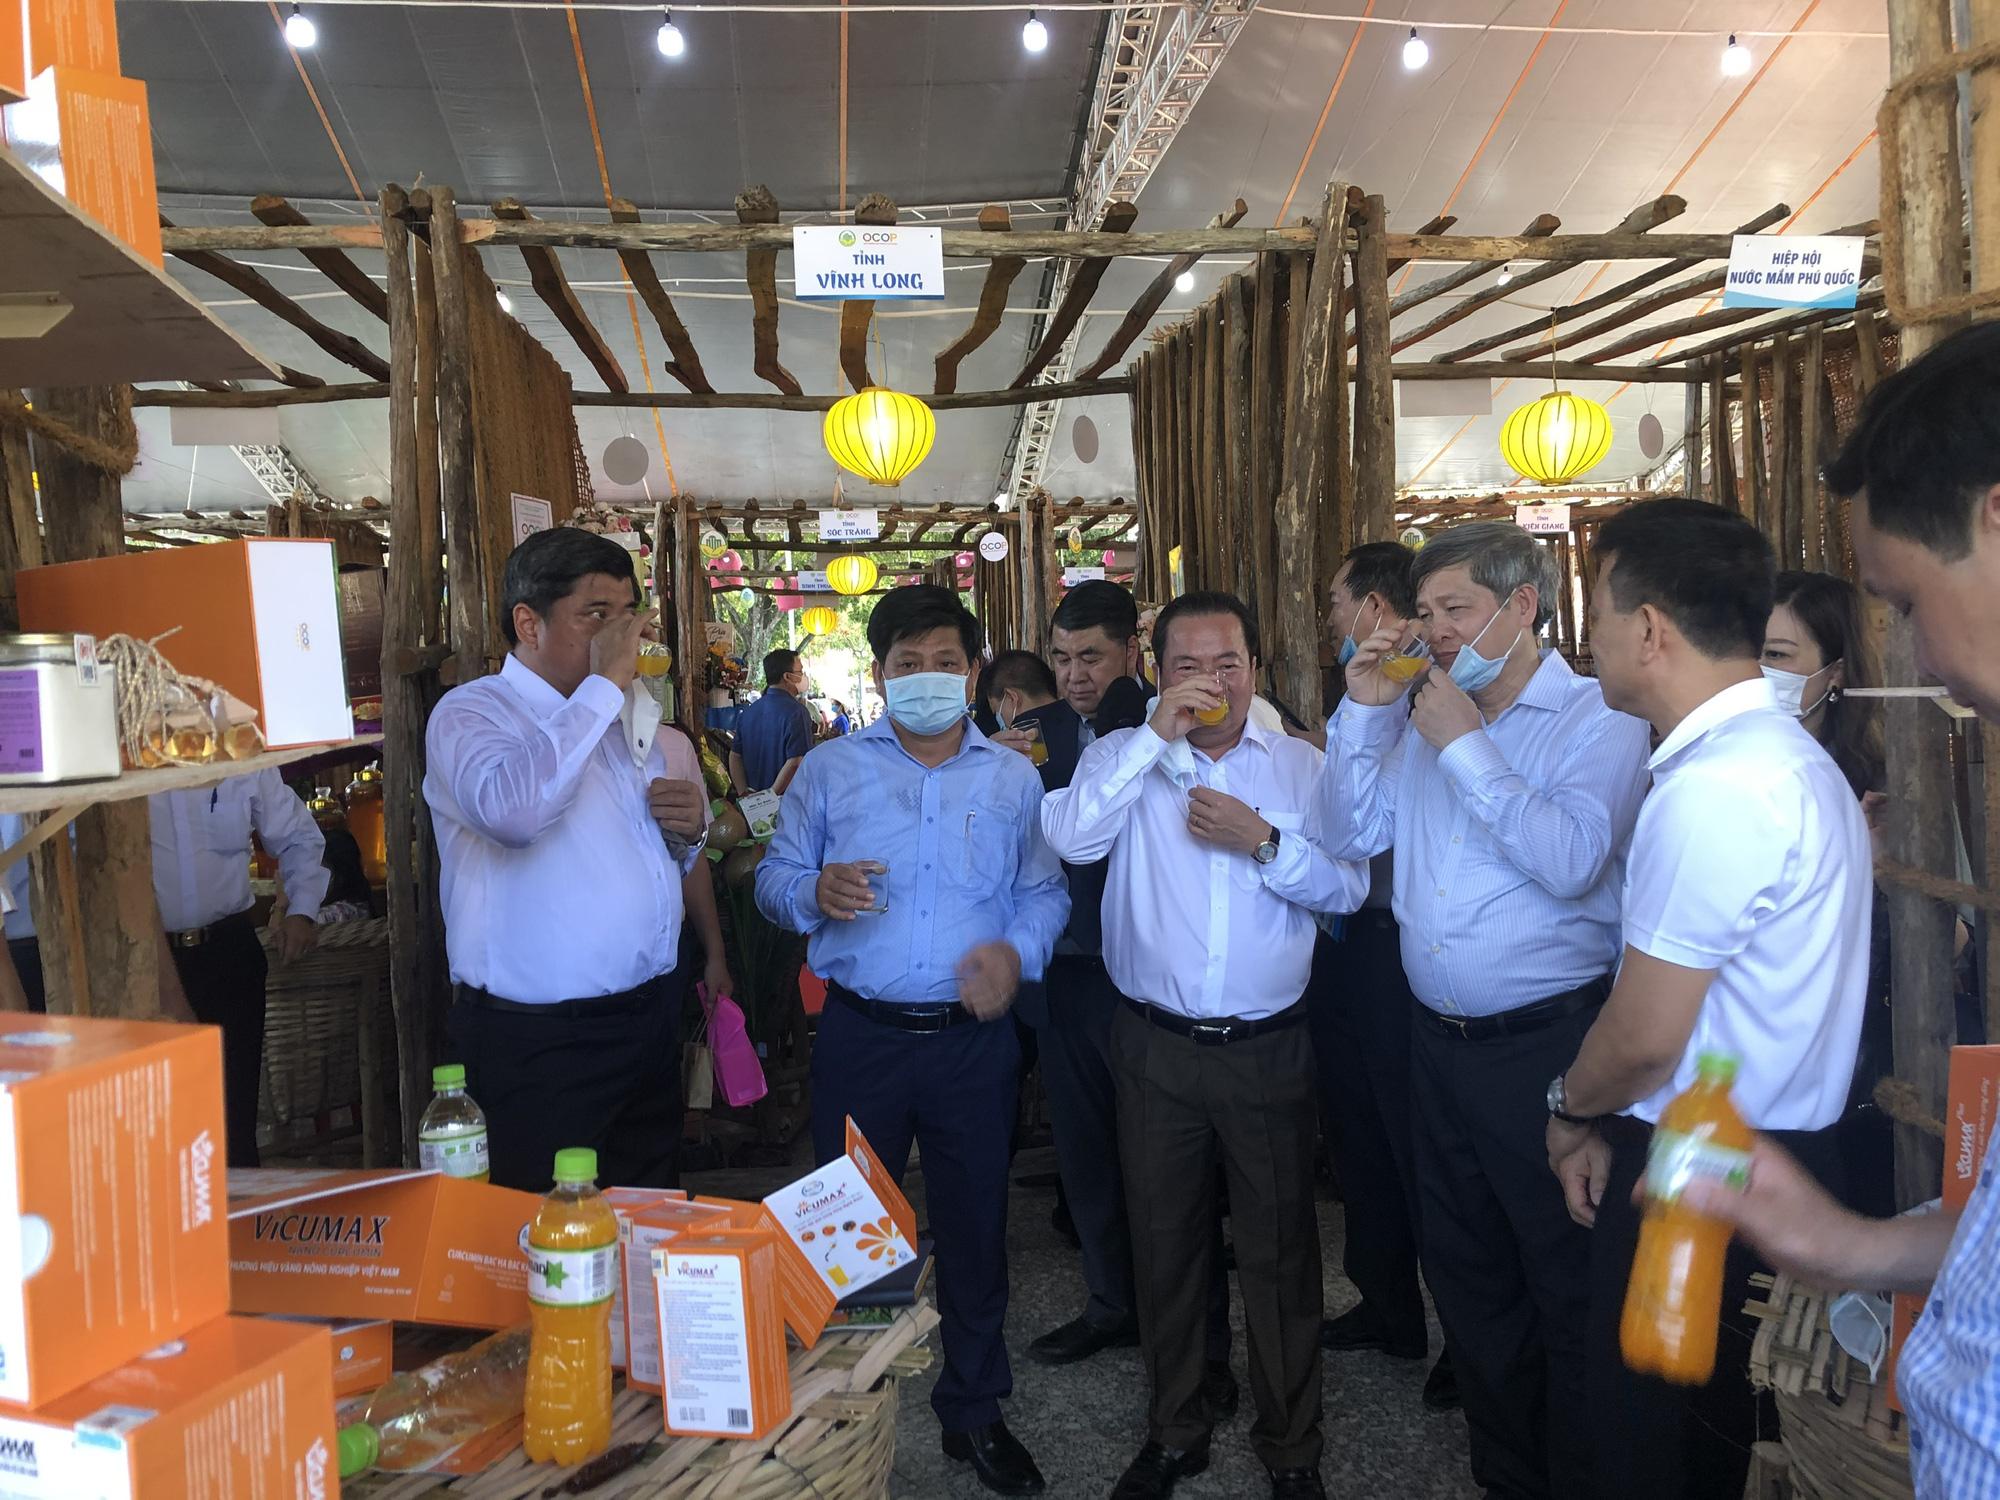 Hàng trăm sản phẩm OCOP – Hương sắc miền Tây hội tụ tại Phú Quốc - Ảnh 4.